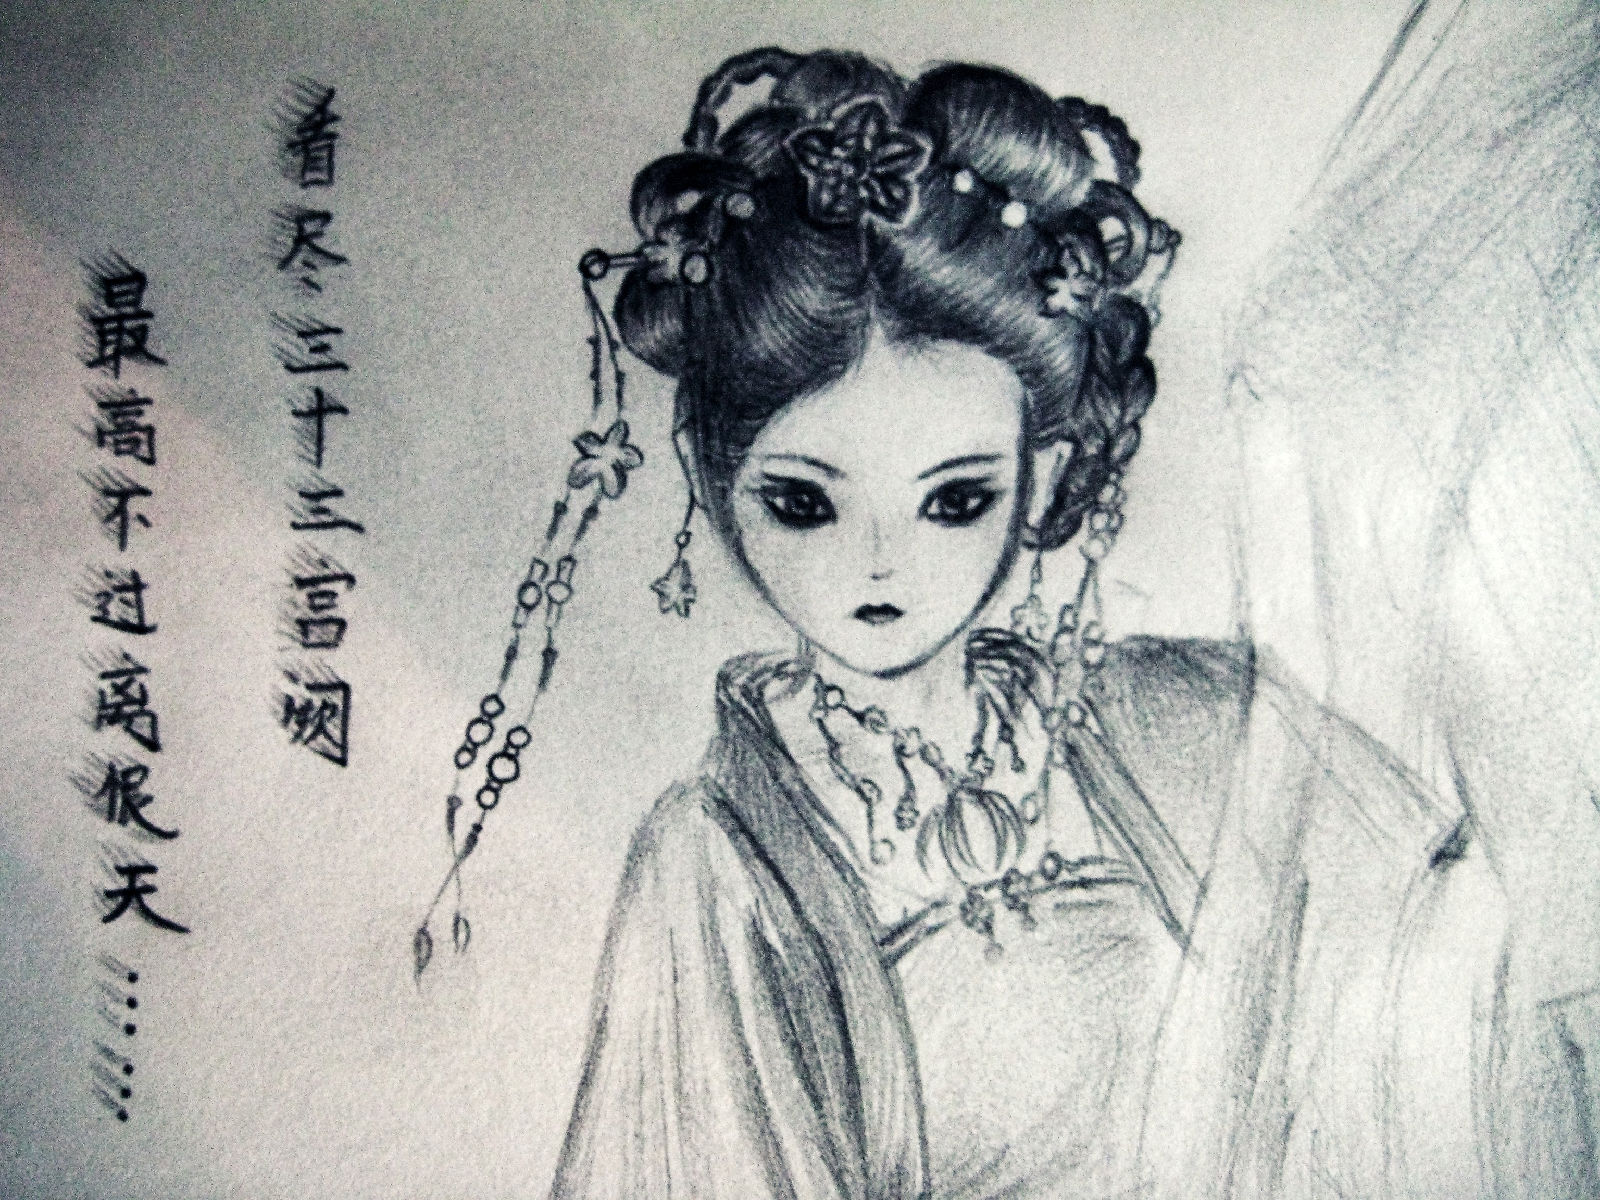 用文字描写出下面这个女子的发型